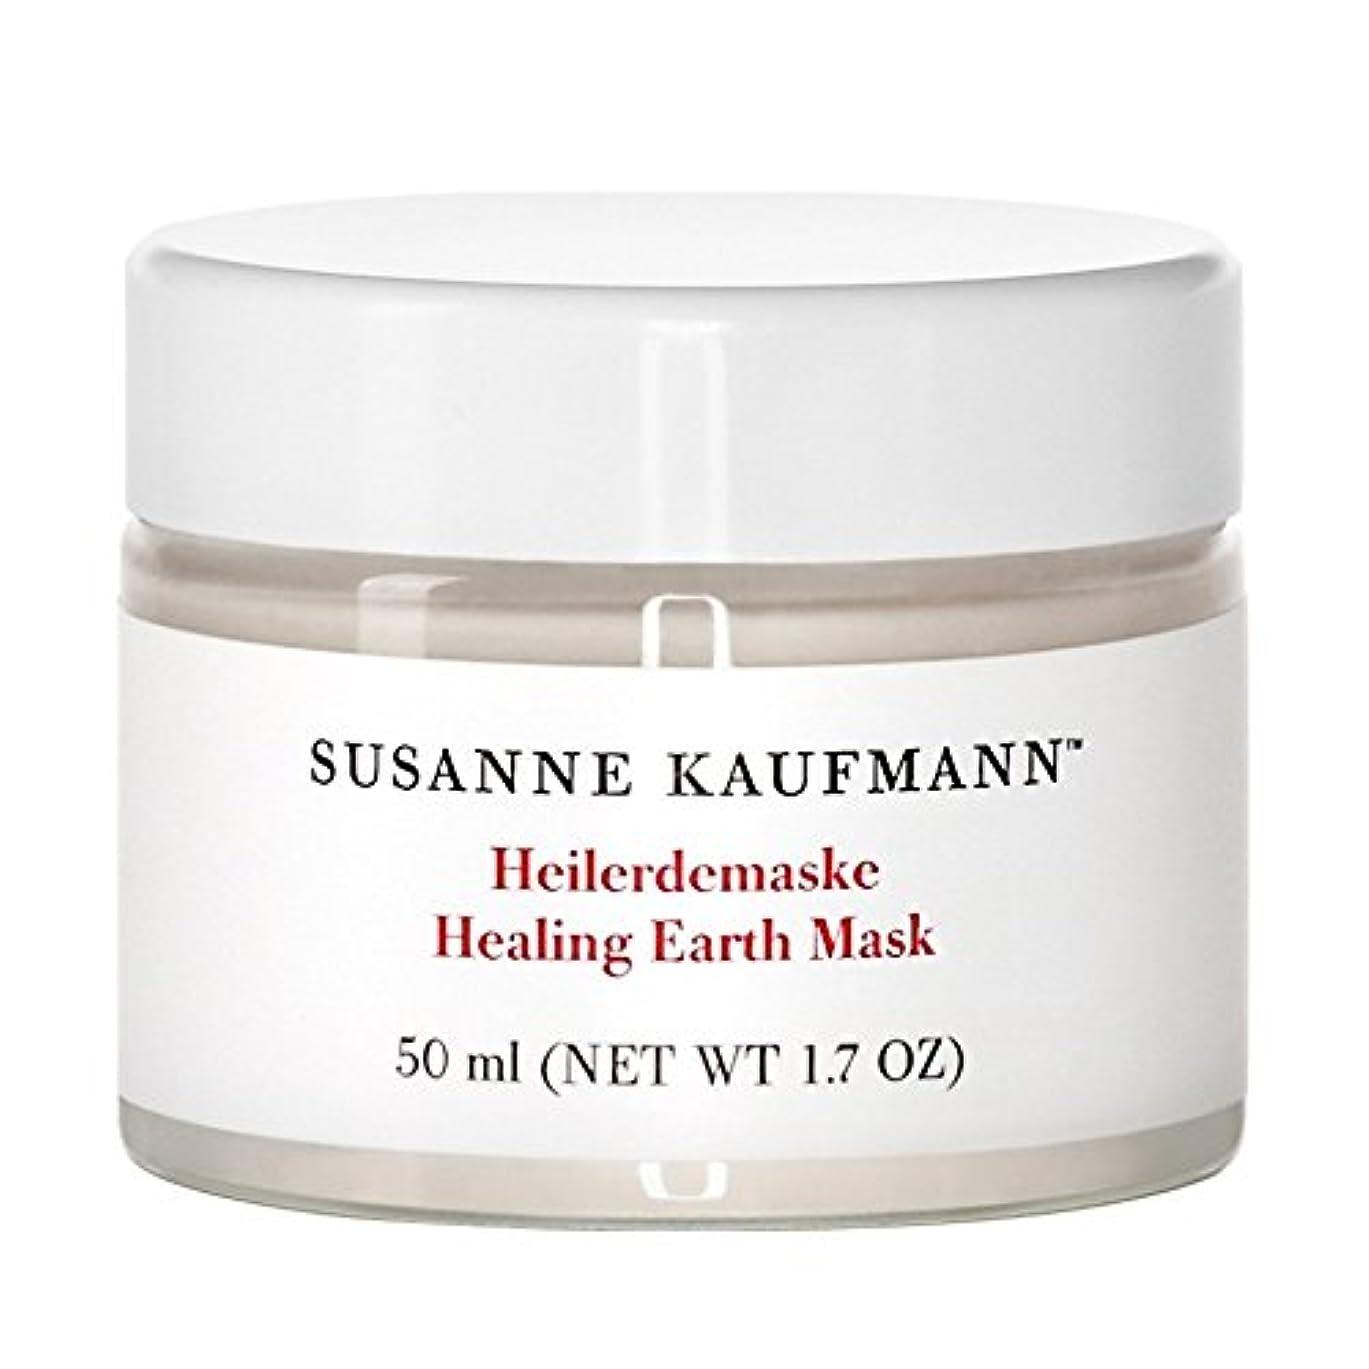 Susanne Kaufmann Healing Earth Mask 50ml - スザンヌカウフマン癒しの地球マスク50ミリリットル [並行輸入品]